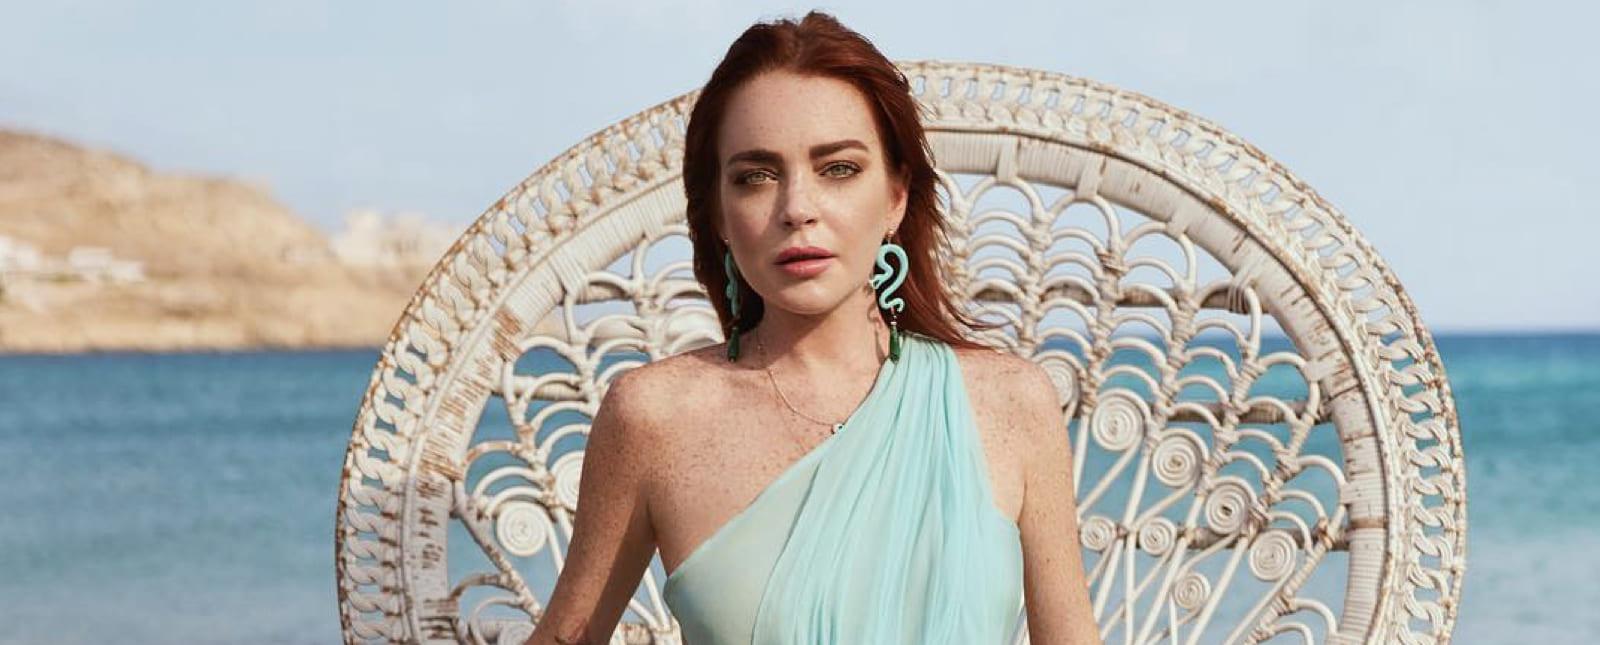 Lindsay Lohan's Beac...